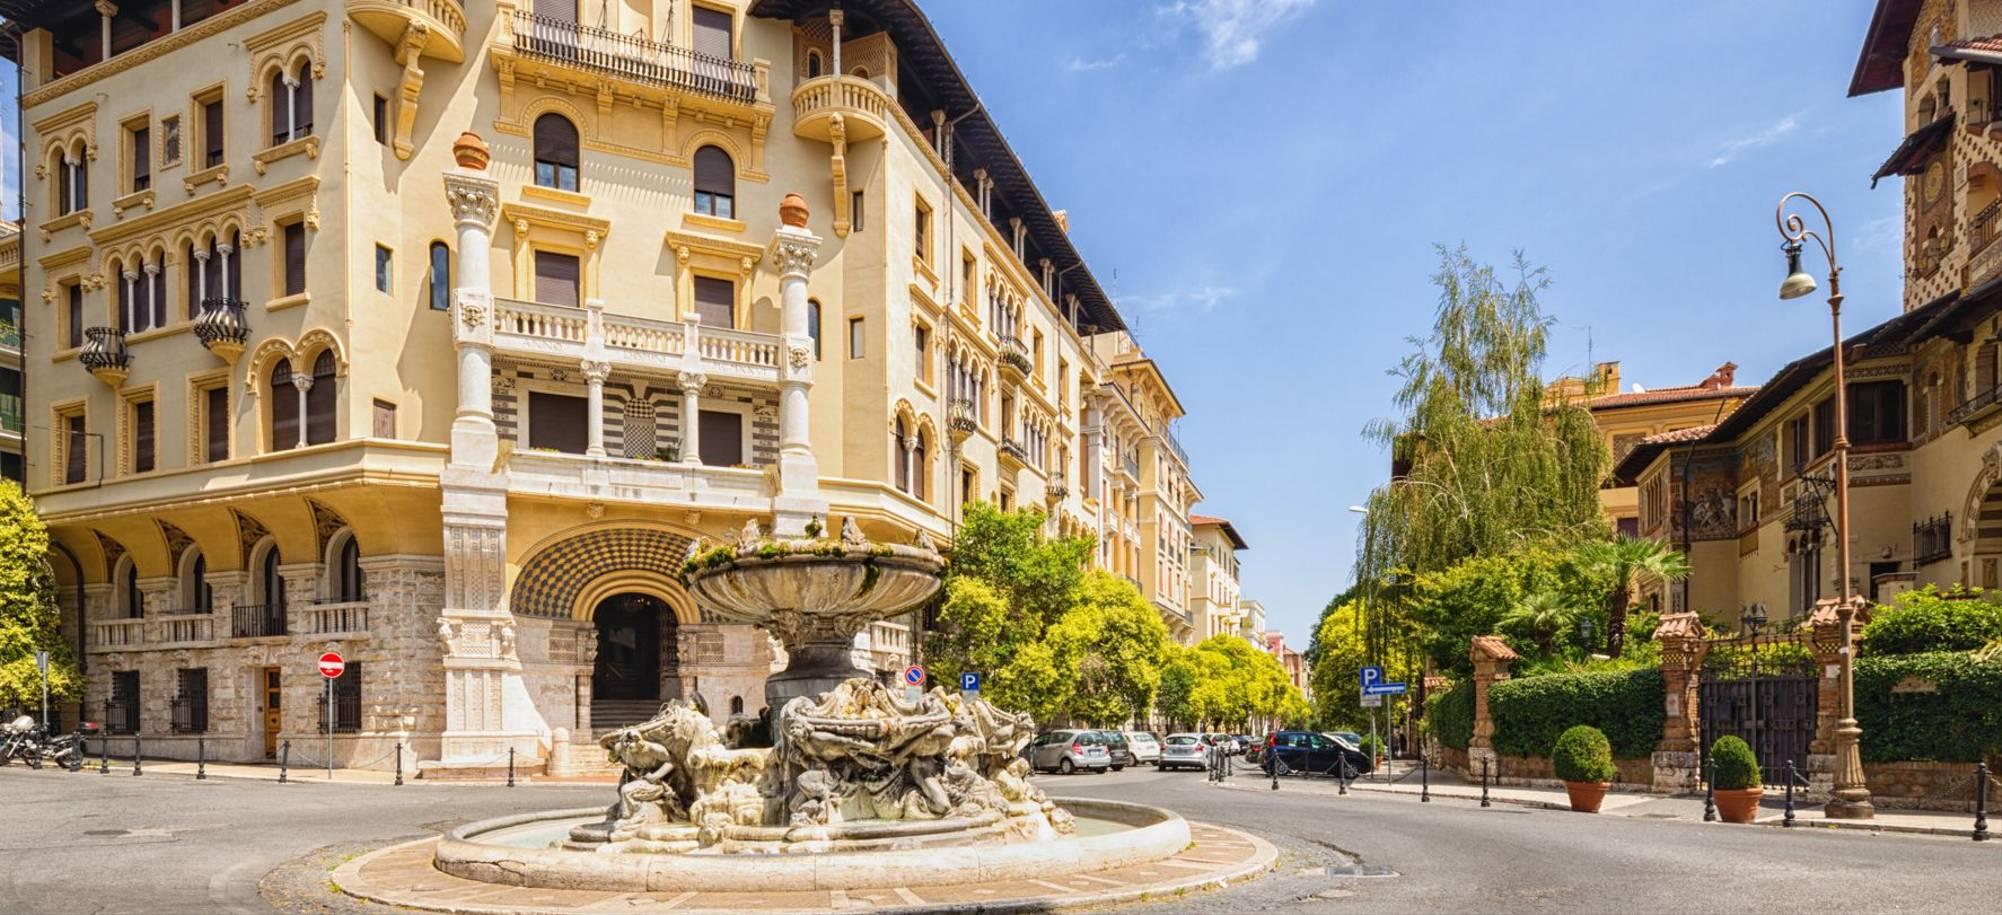 Rome   Coppede Quarter   Itinerary Desktop